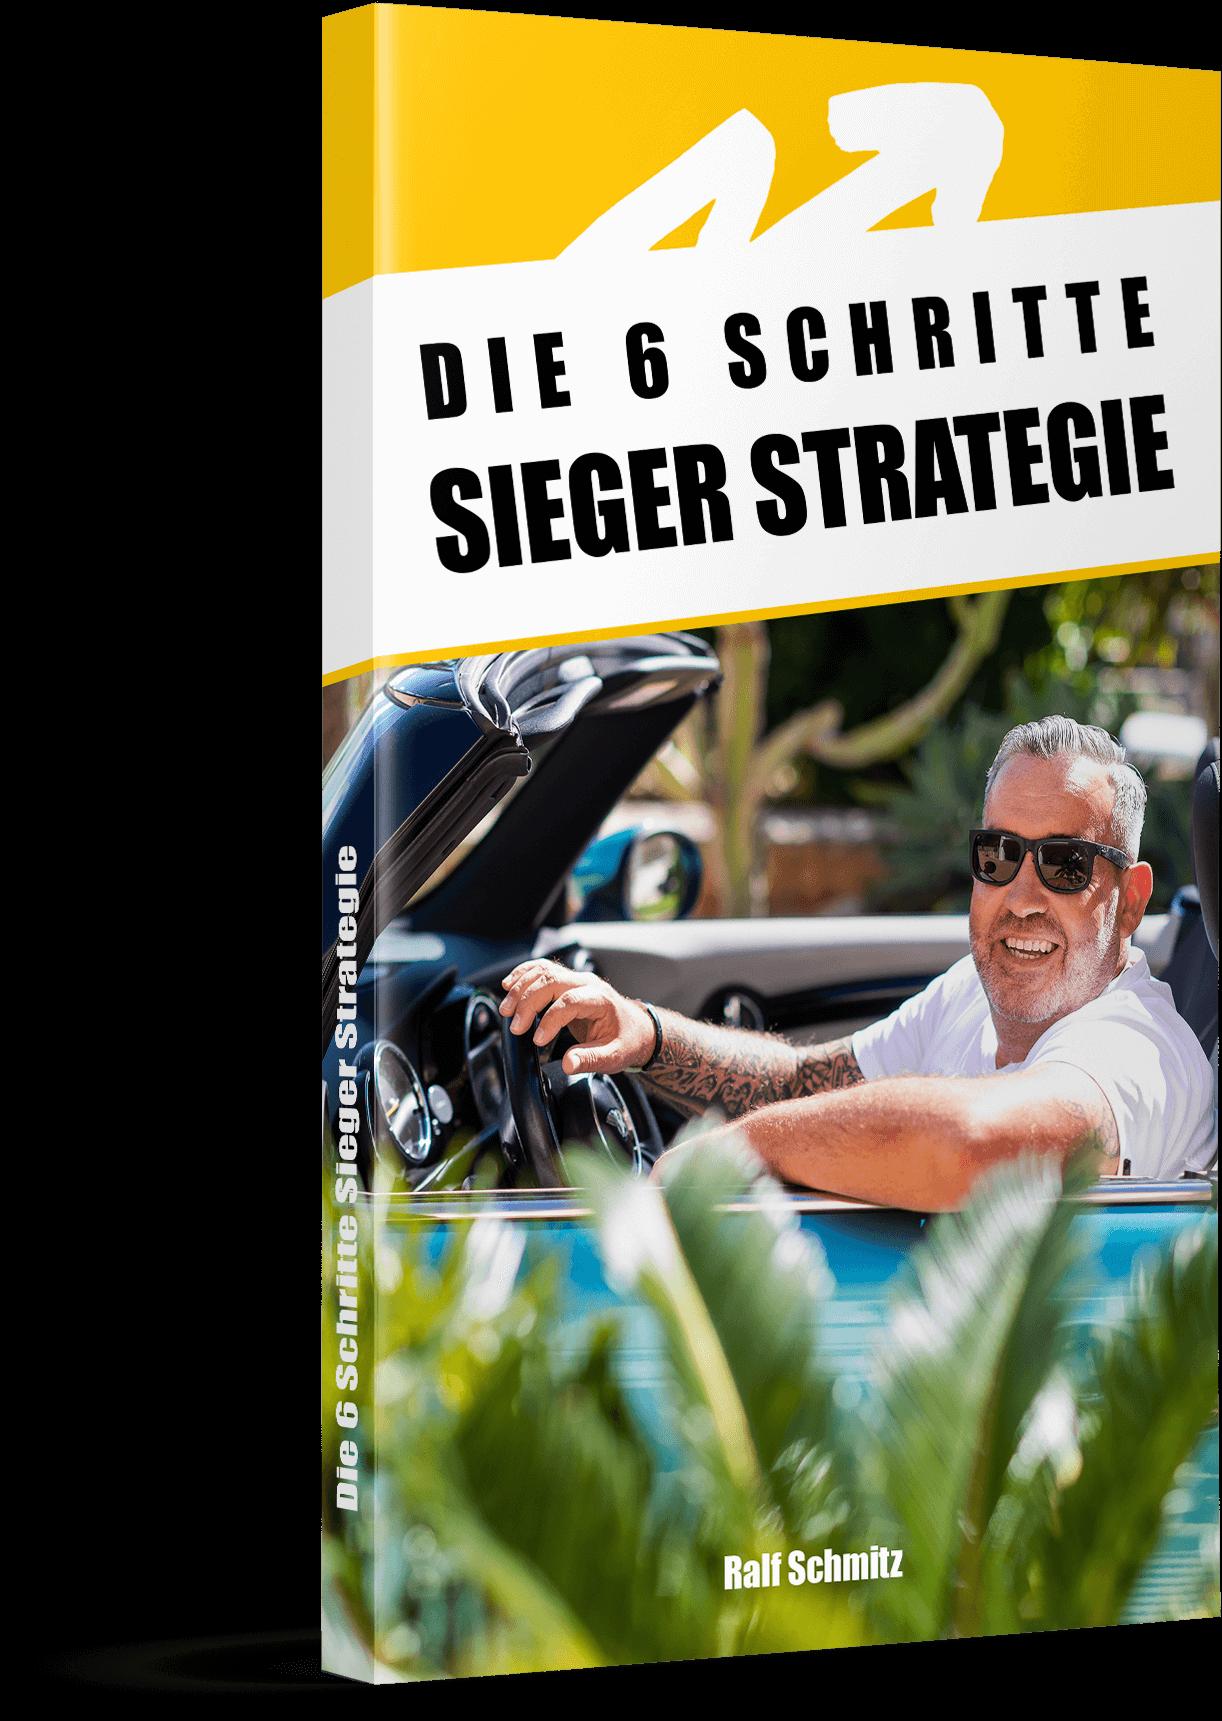 6 Schritte Sieger Strategie